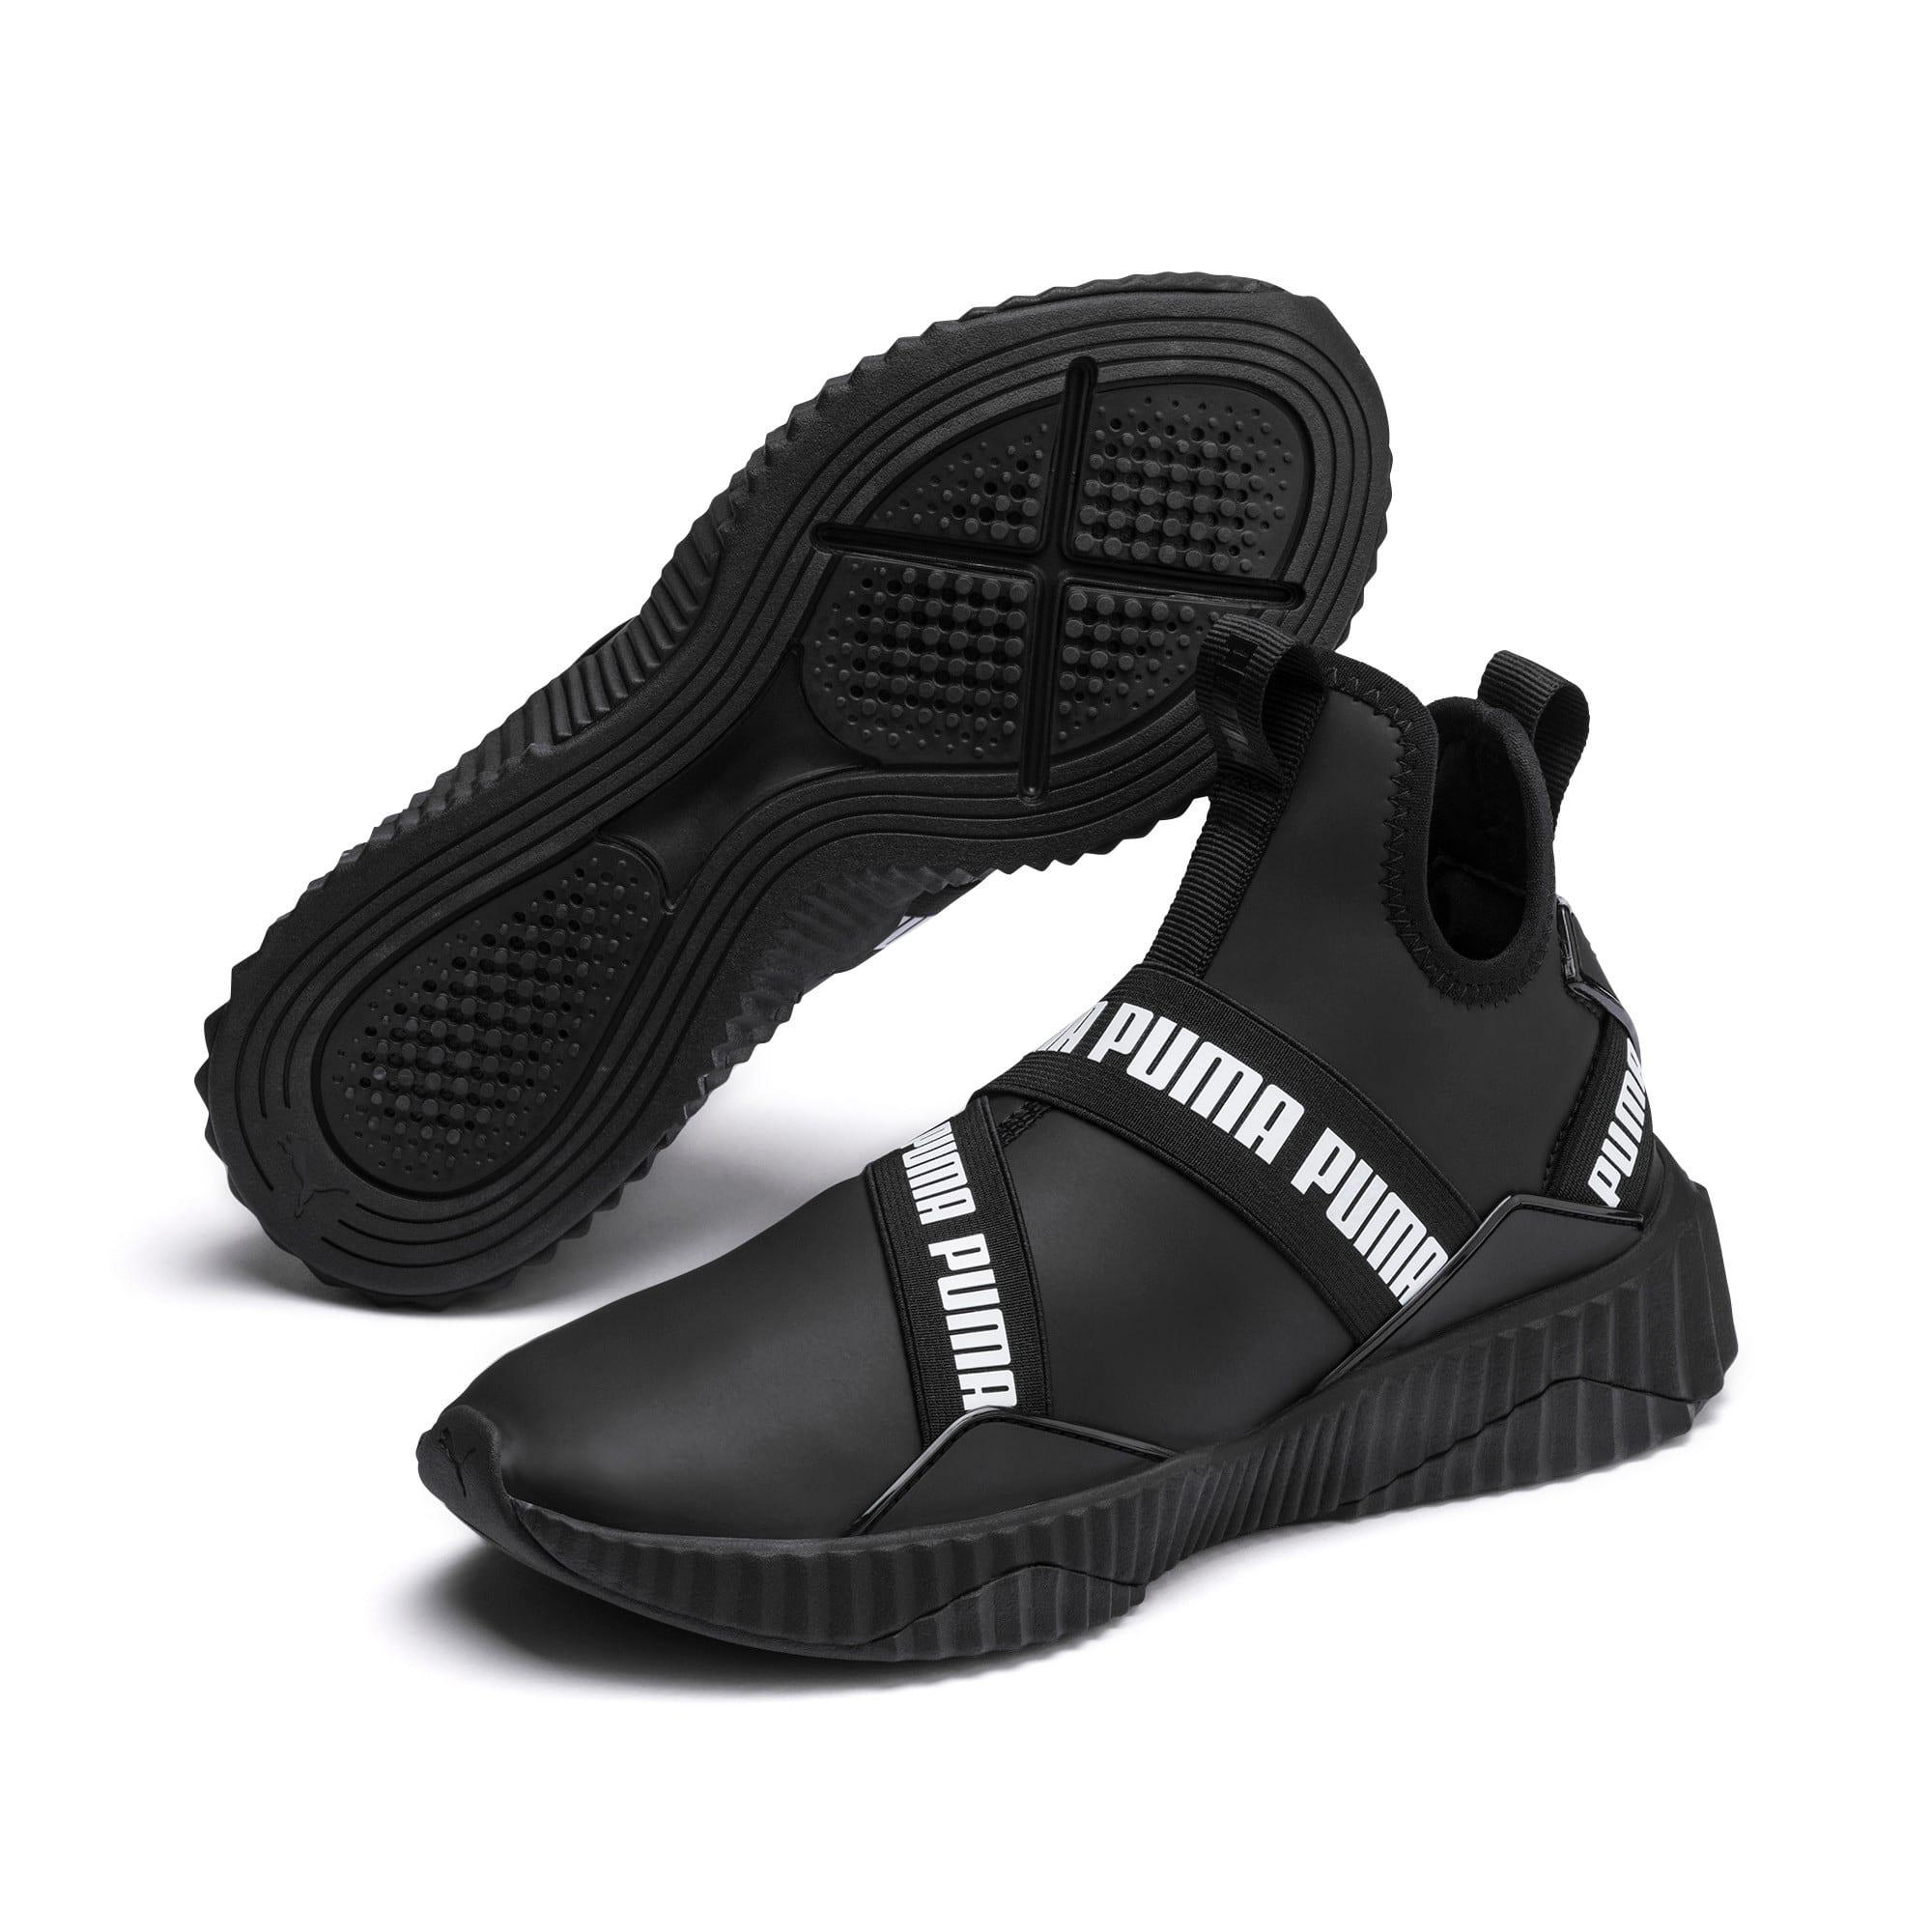 Imagen en miniatura 3 de Zapatillas de mujer Defy Mid Matte, Puma Black-Puma White, mediana